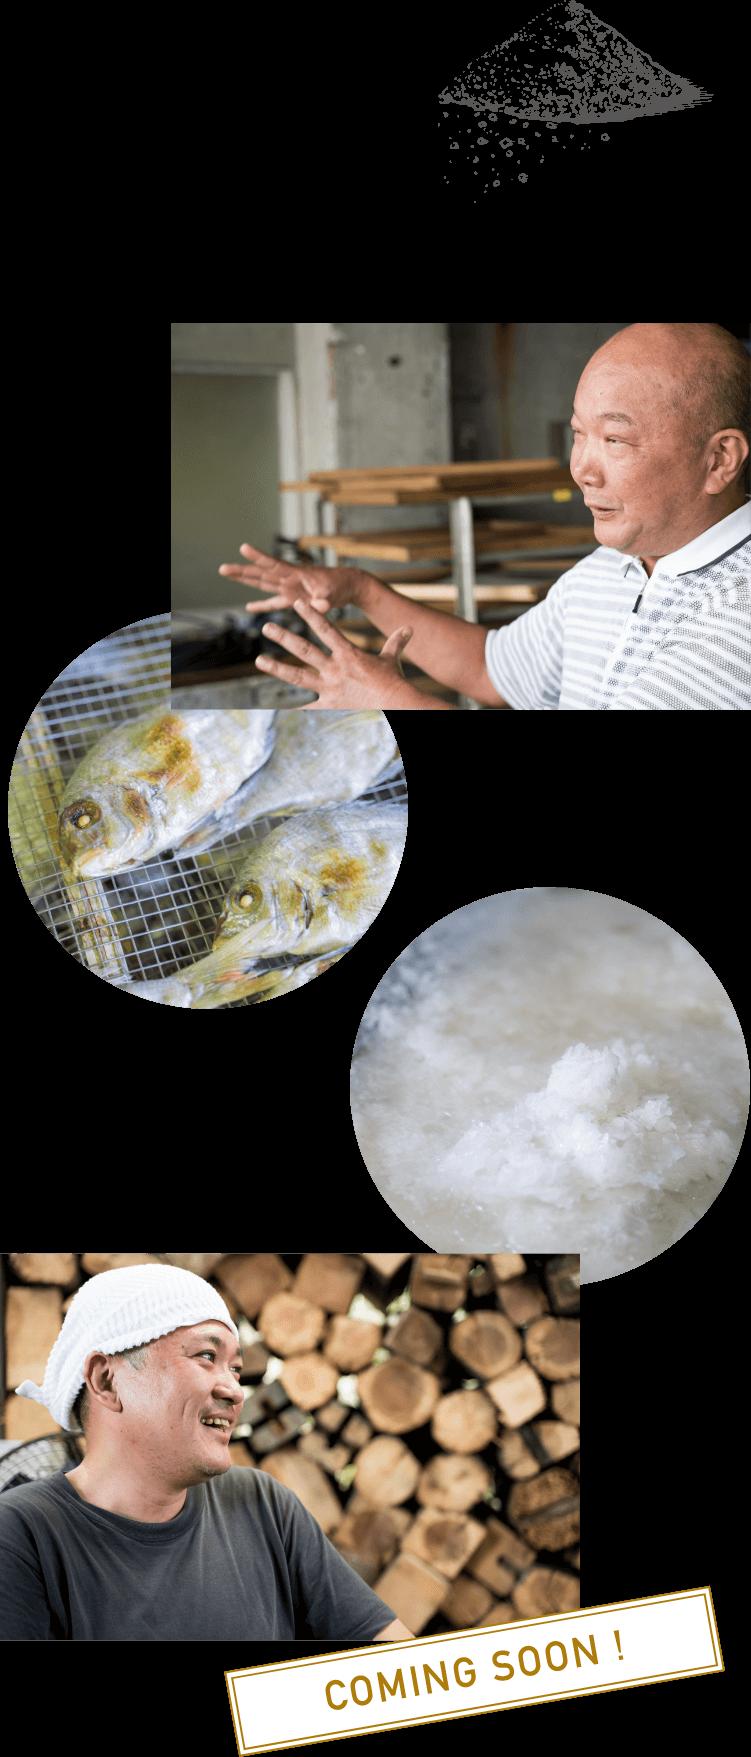 ファスティング(断食)後の、生まれ変わった身体に 安心して召し上がって頂ける本当に美味しい天然鯛のだしが誕生しました。 「淡路島産 天日干しの焼き真鯛」と「淡路島の自然塩・おのころ雫塩」の 美味さ沁み渡るハーモニーをお楽しみ頂けます。贈り物にもおすすめ。